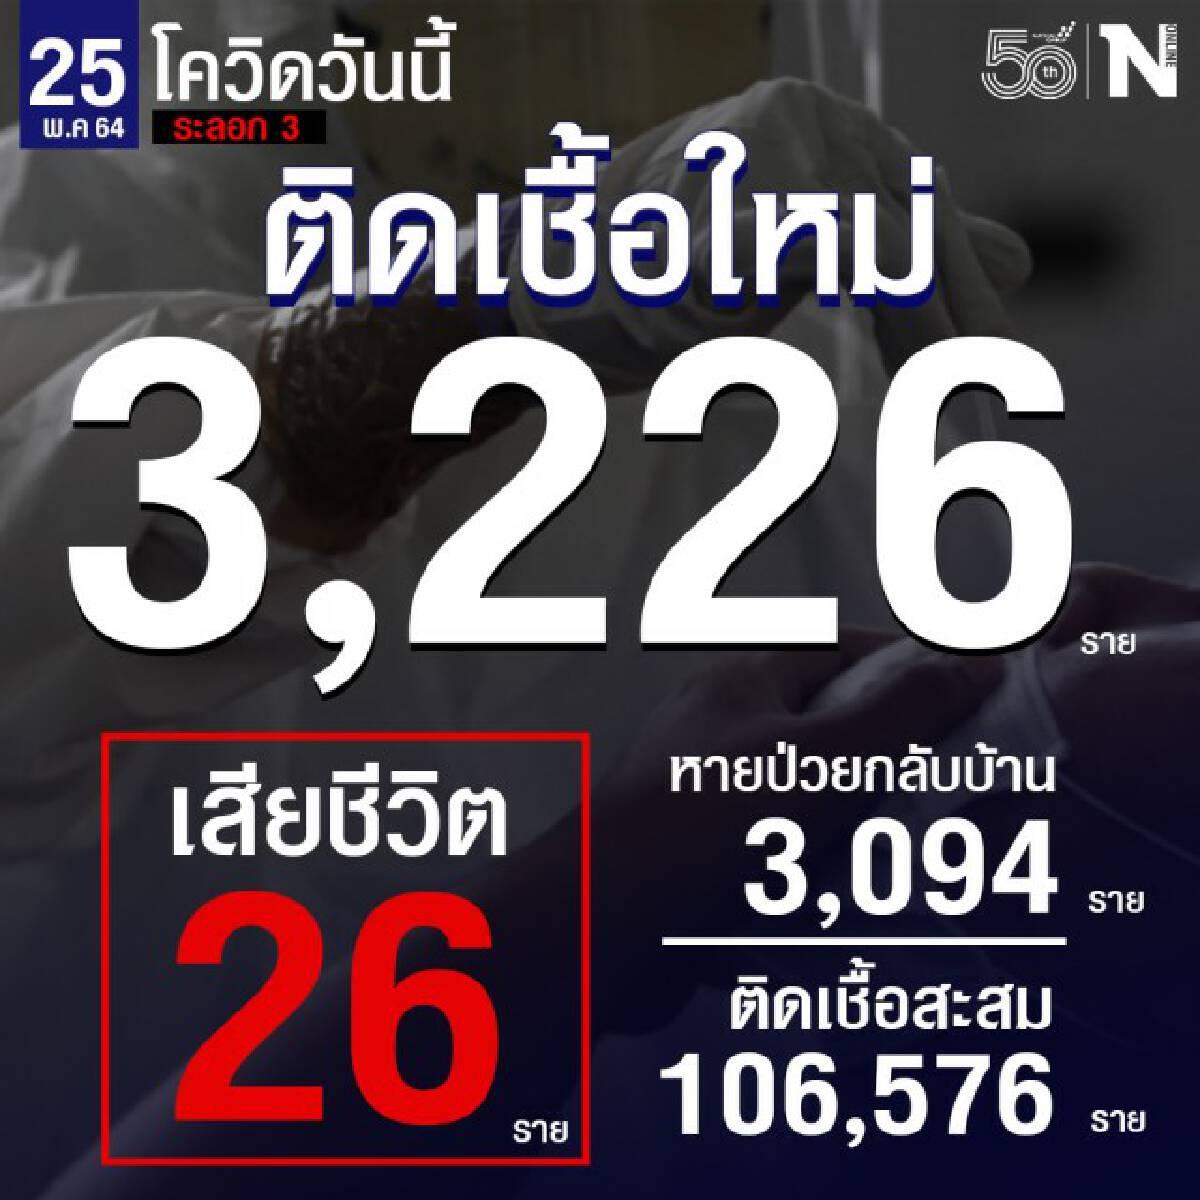 ศบค. เผยยอดผู้ติดเชื้อ 3,226 ราย ดับเพิ่ม 26 ราย